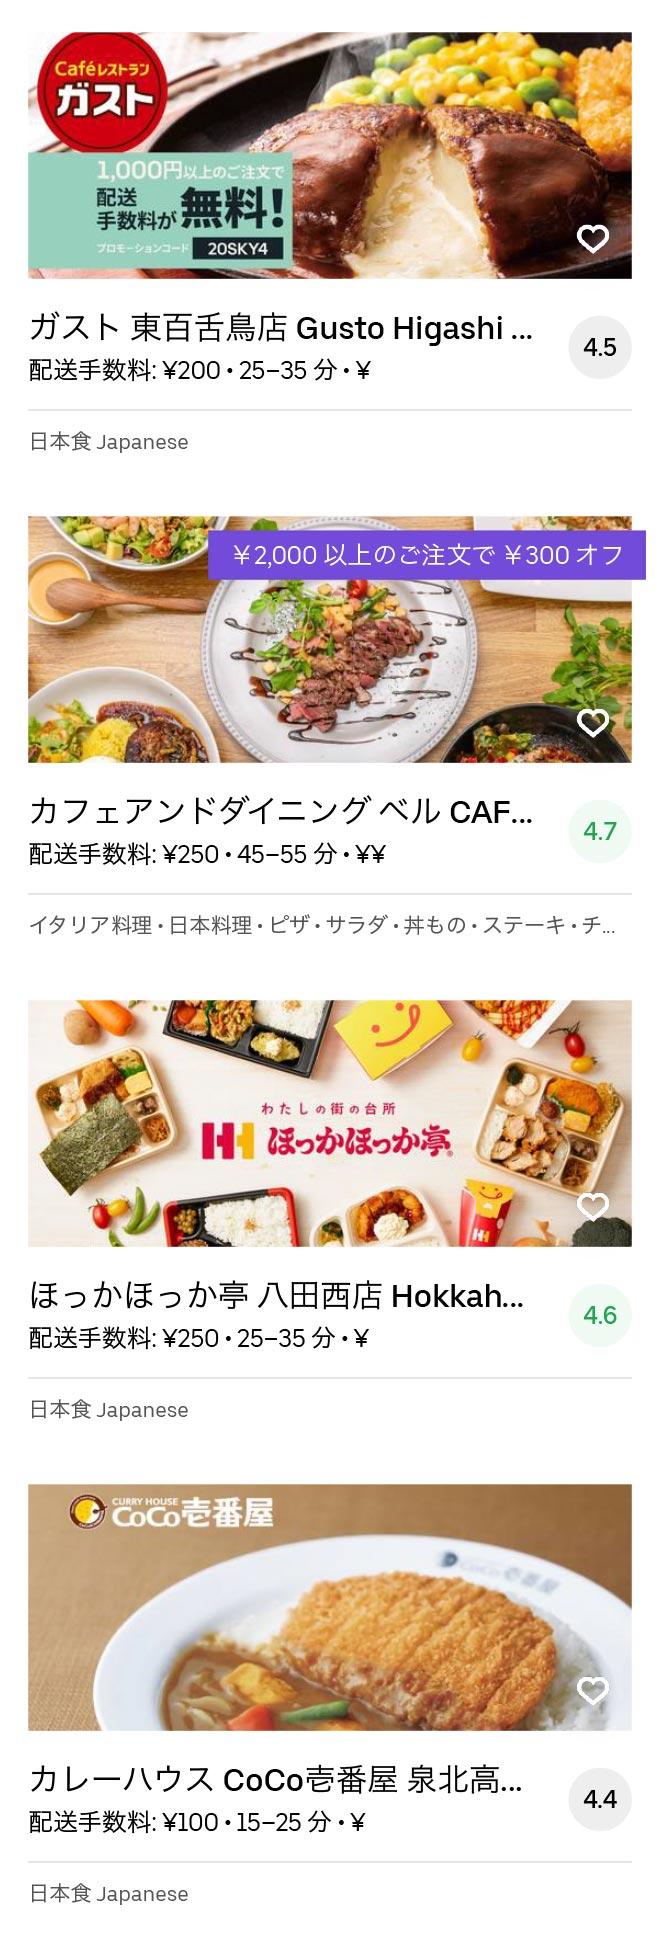 Sakai fukai menu 2005 03